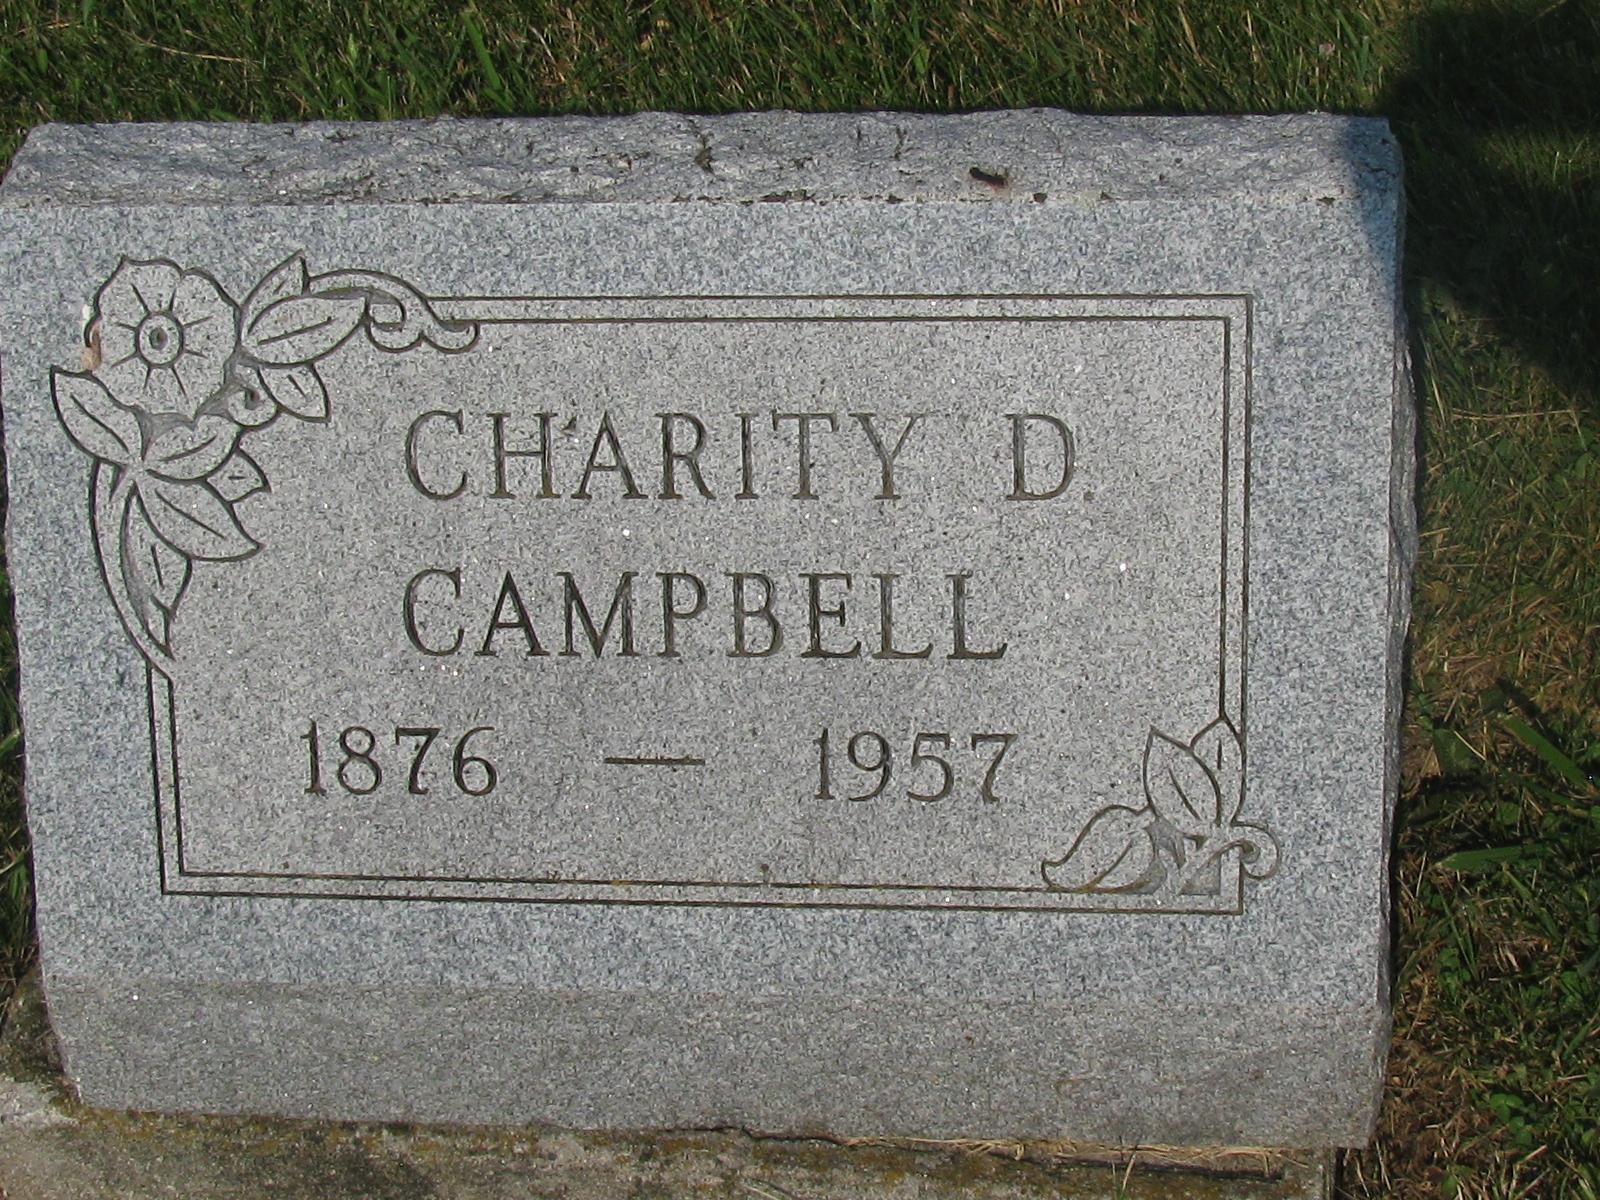 Charity Dell Chatt Campbell